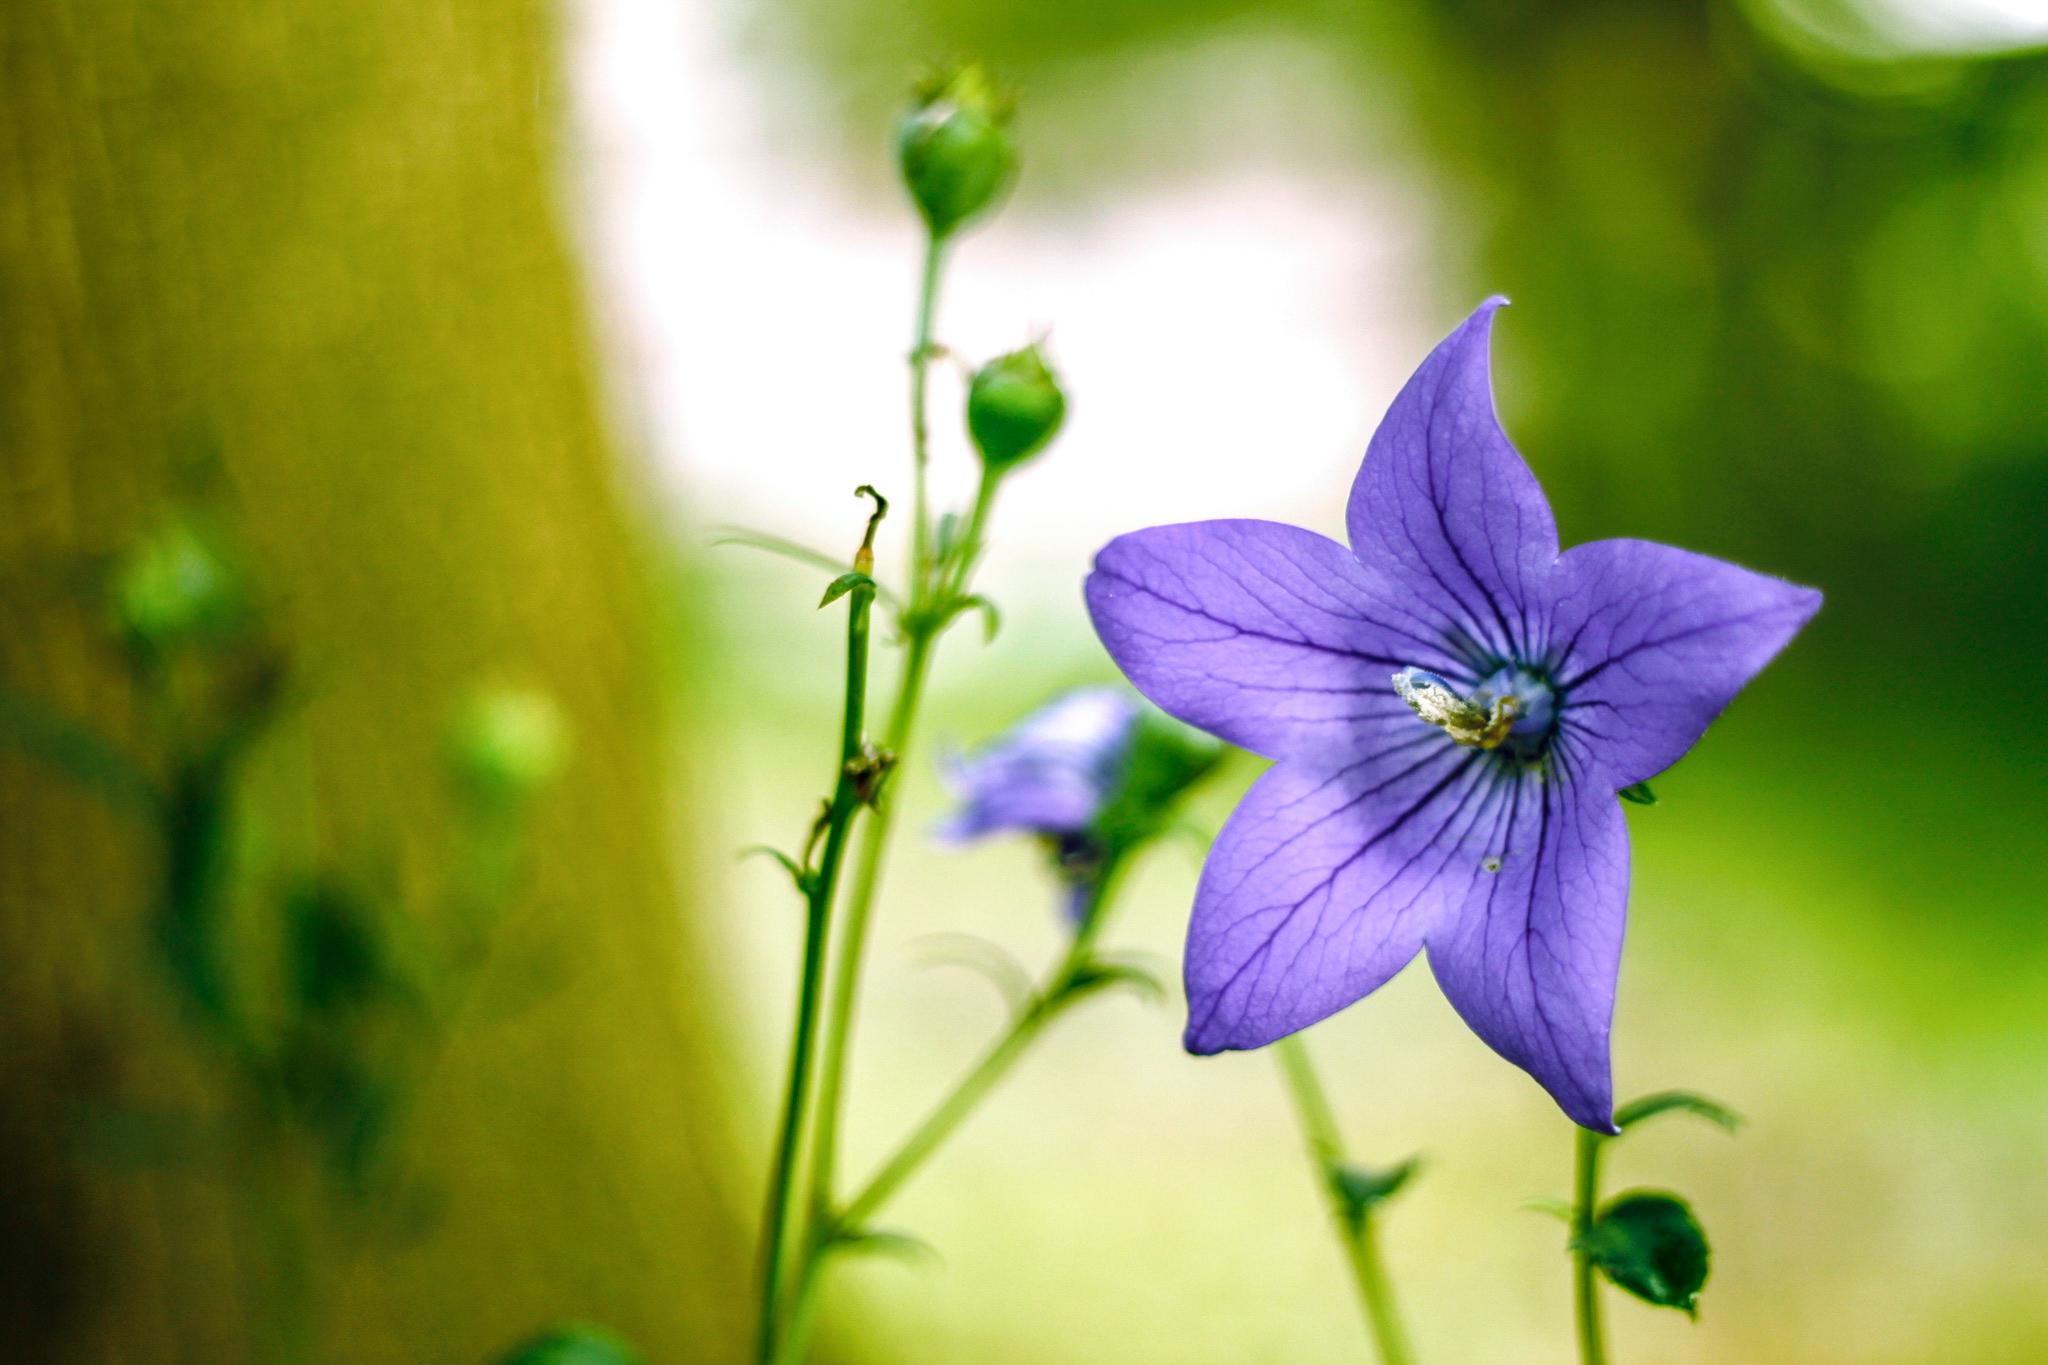 野生の桔梗 – フリー(無料)写真素材 ダウンロード blue-green